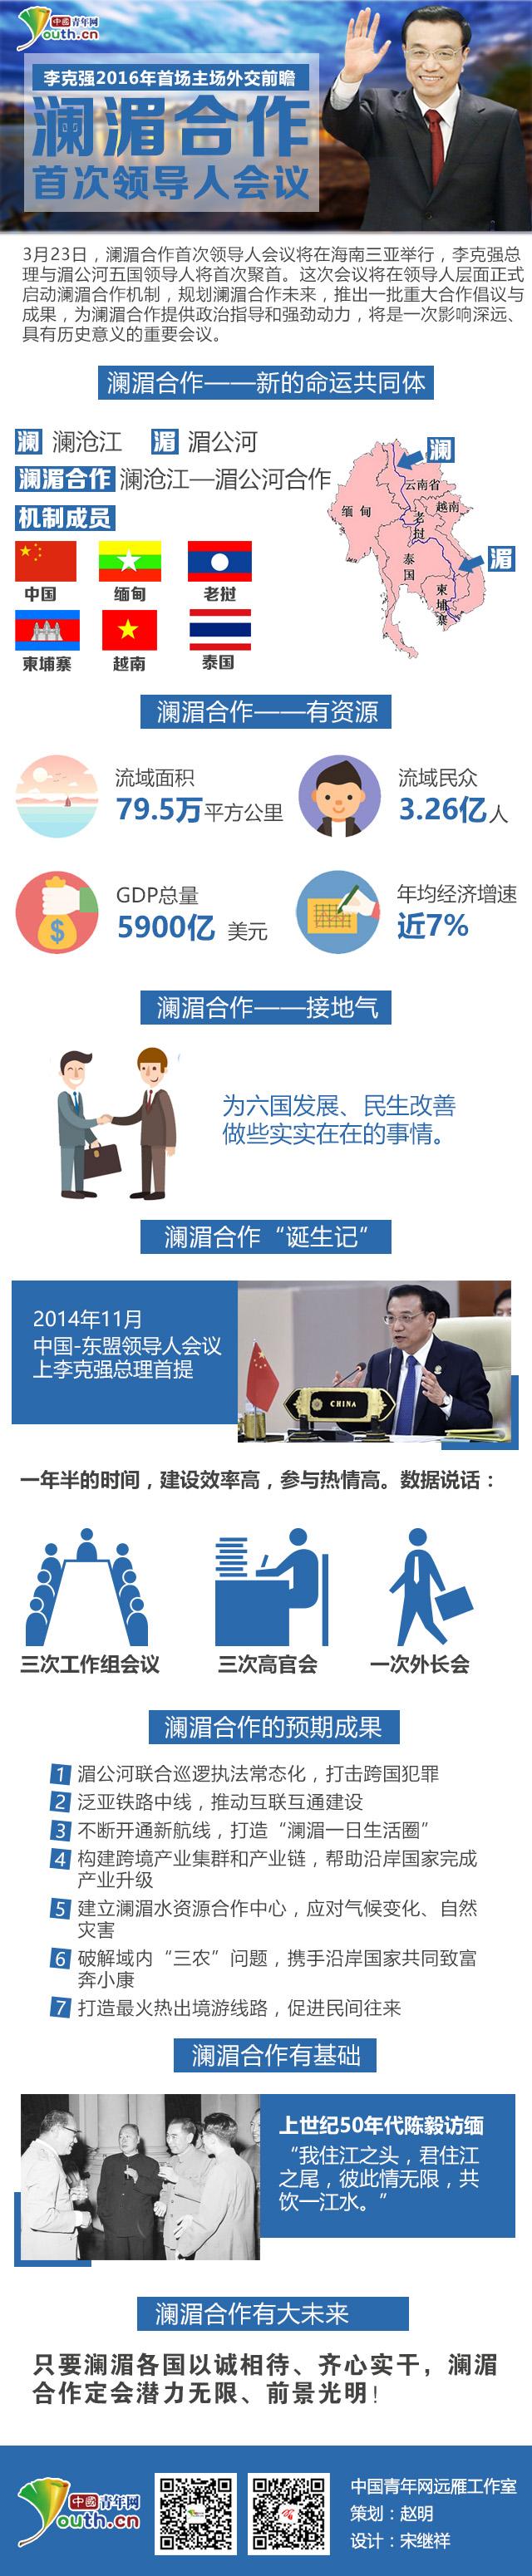 李克强2016年首场主场外交前瞻